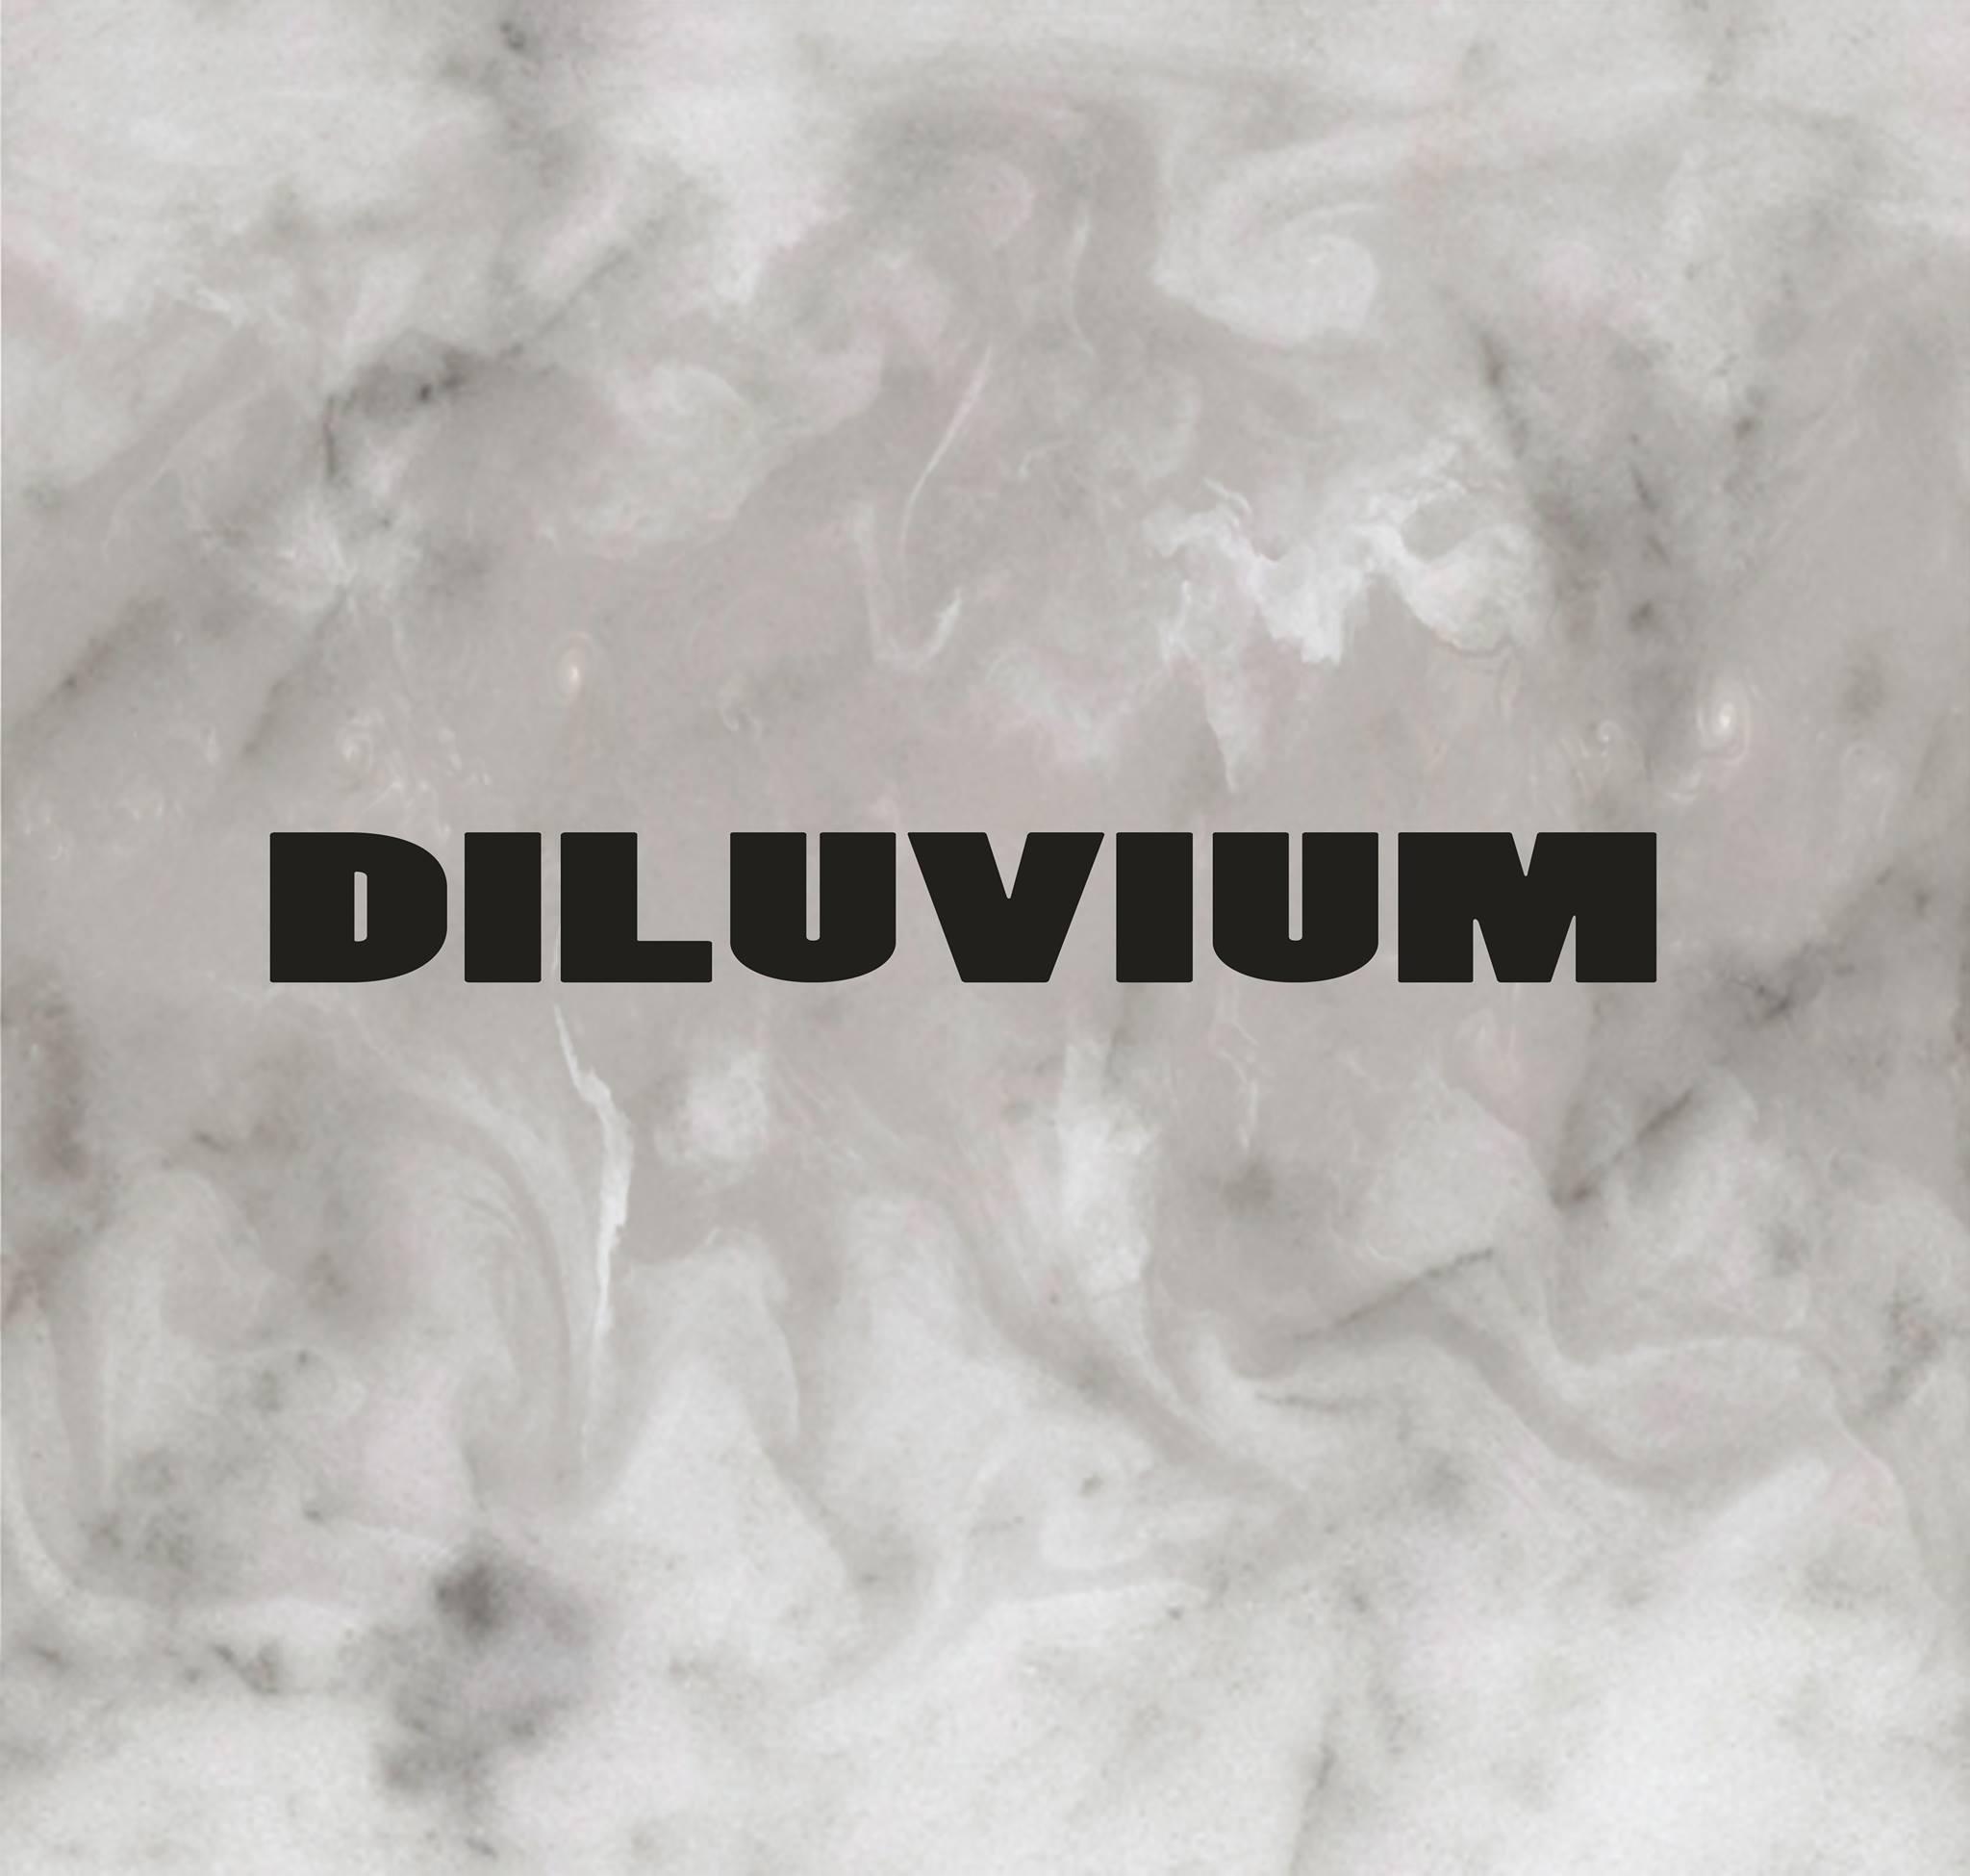 DILUVIUM picture